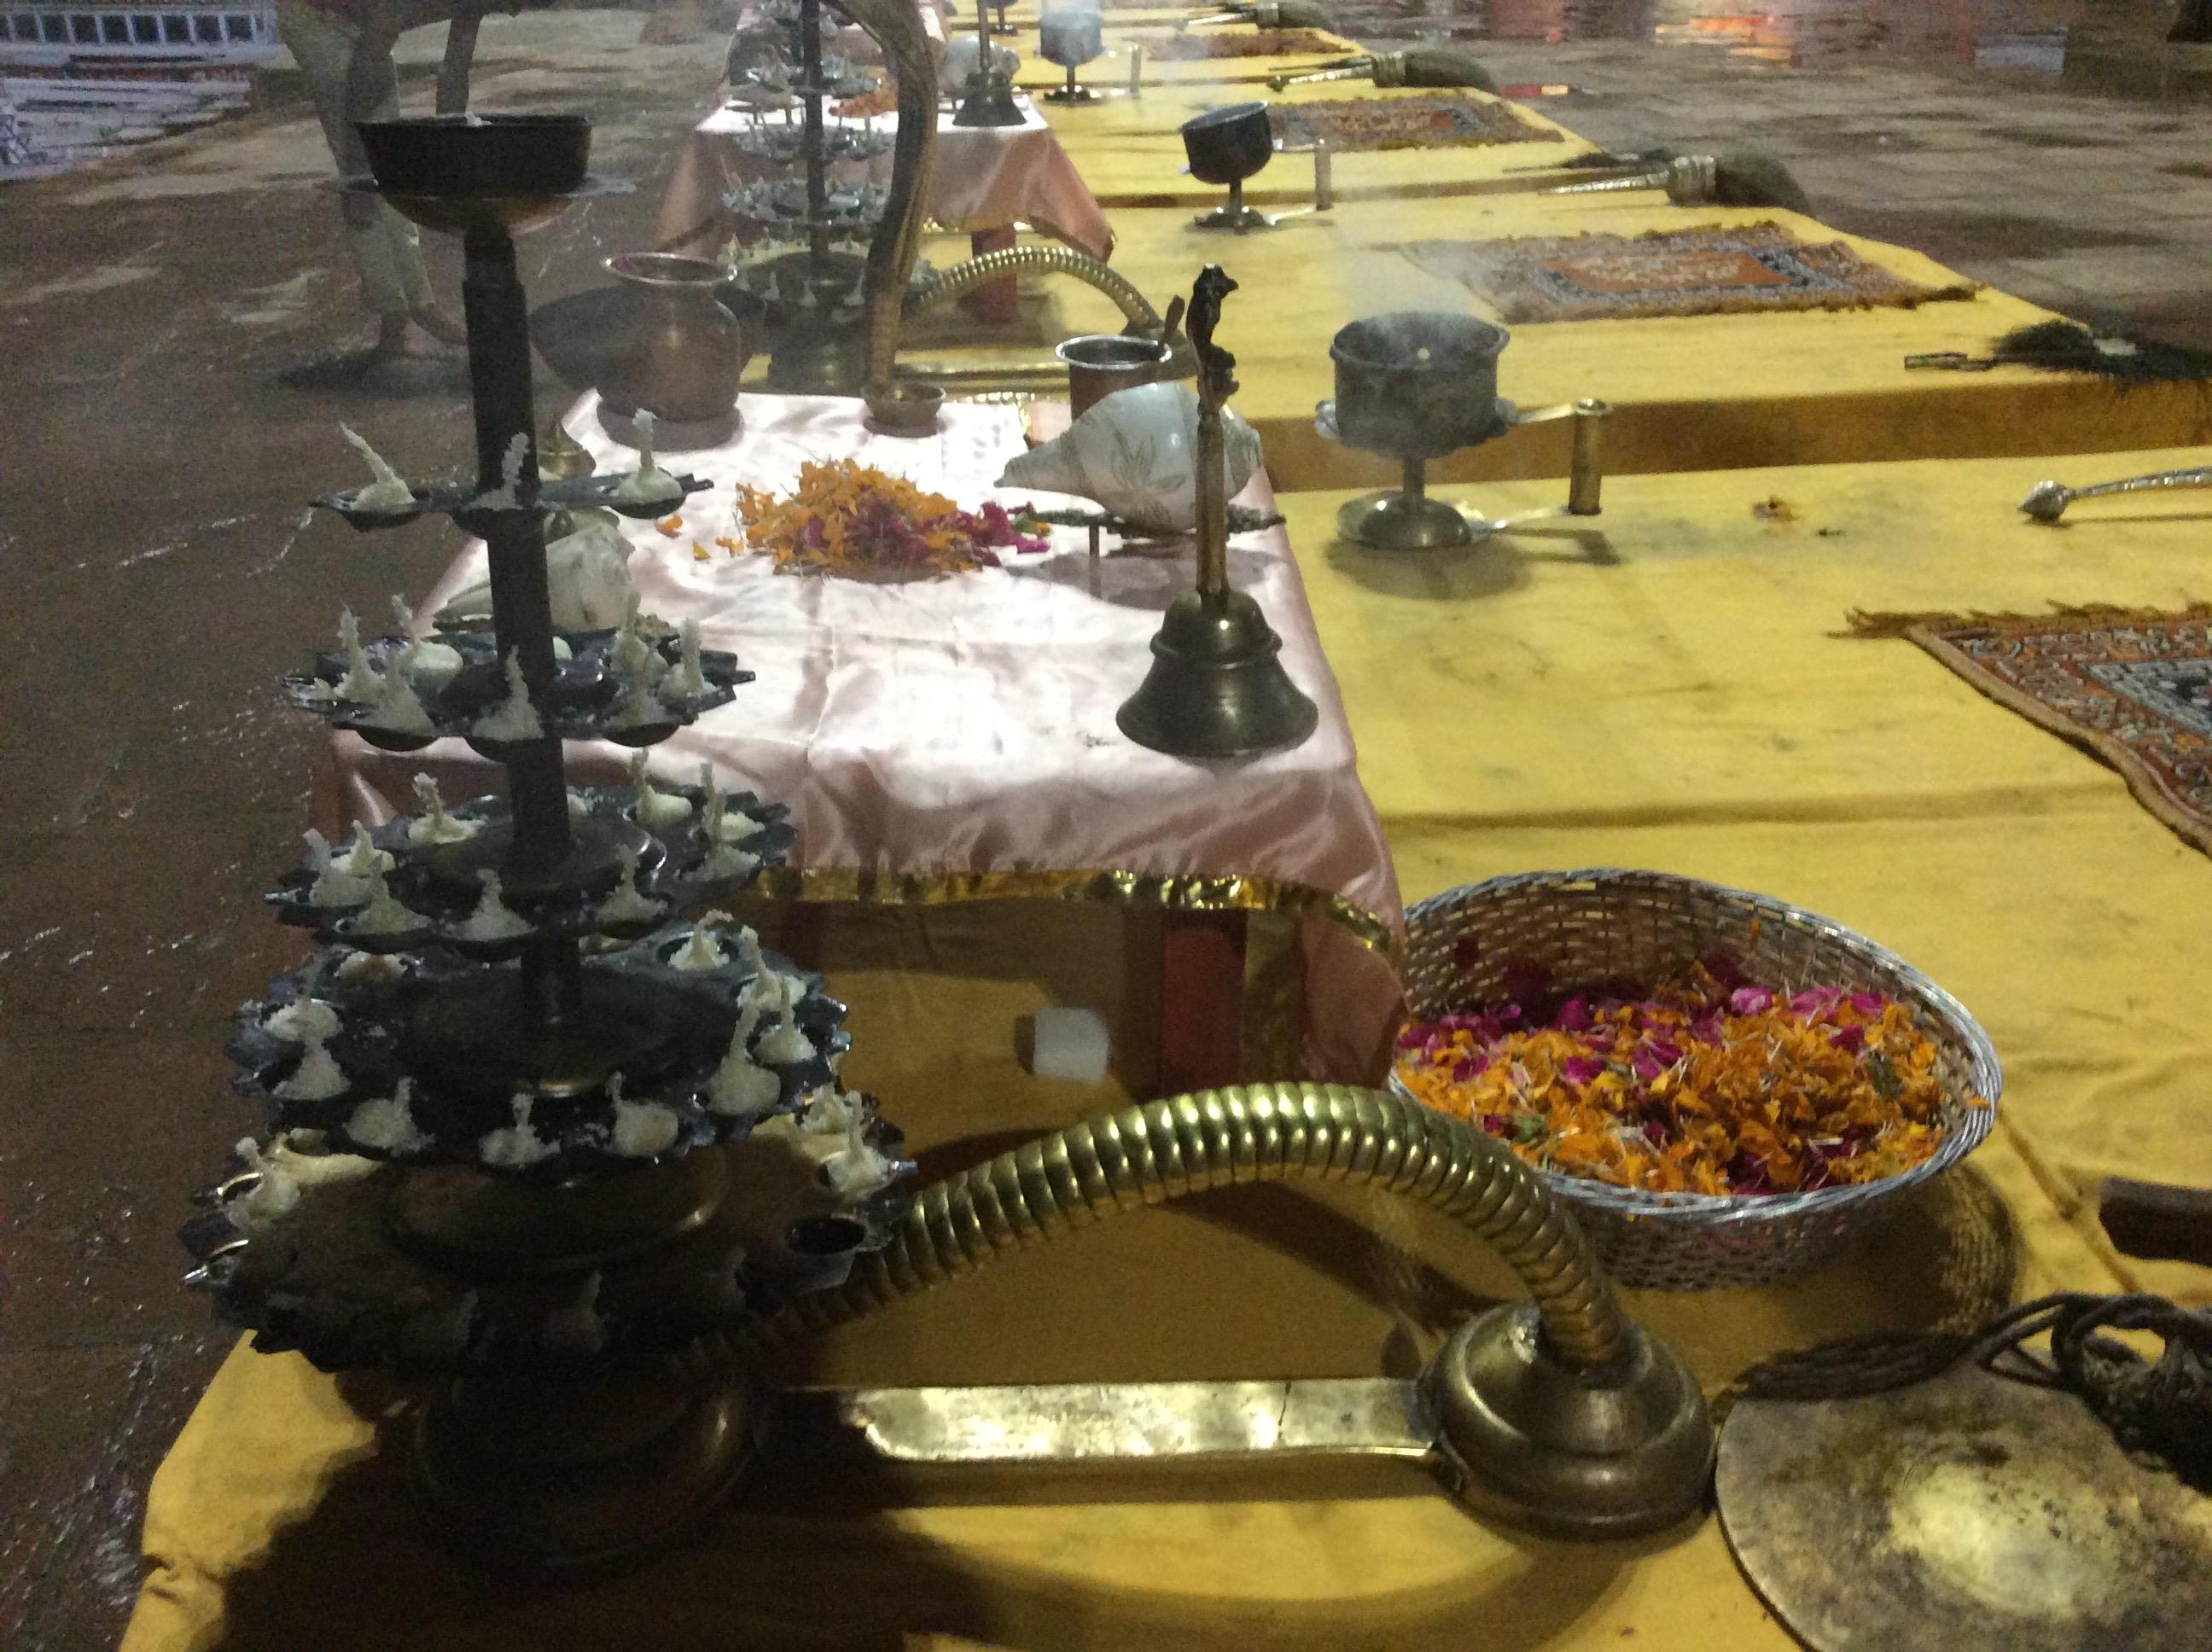 ...mit diesen Öllämpchen-etageren, Feuerschalen mit Cobrakopf (Lord Shiva), Blüten, Glöckchen, Wedeln, Muscheln zum Tröten und Muscheln zum Ganges-Wasser-sprenkeln, Rauchtöpfen....